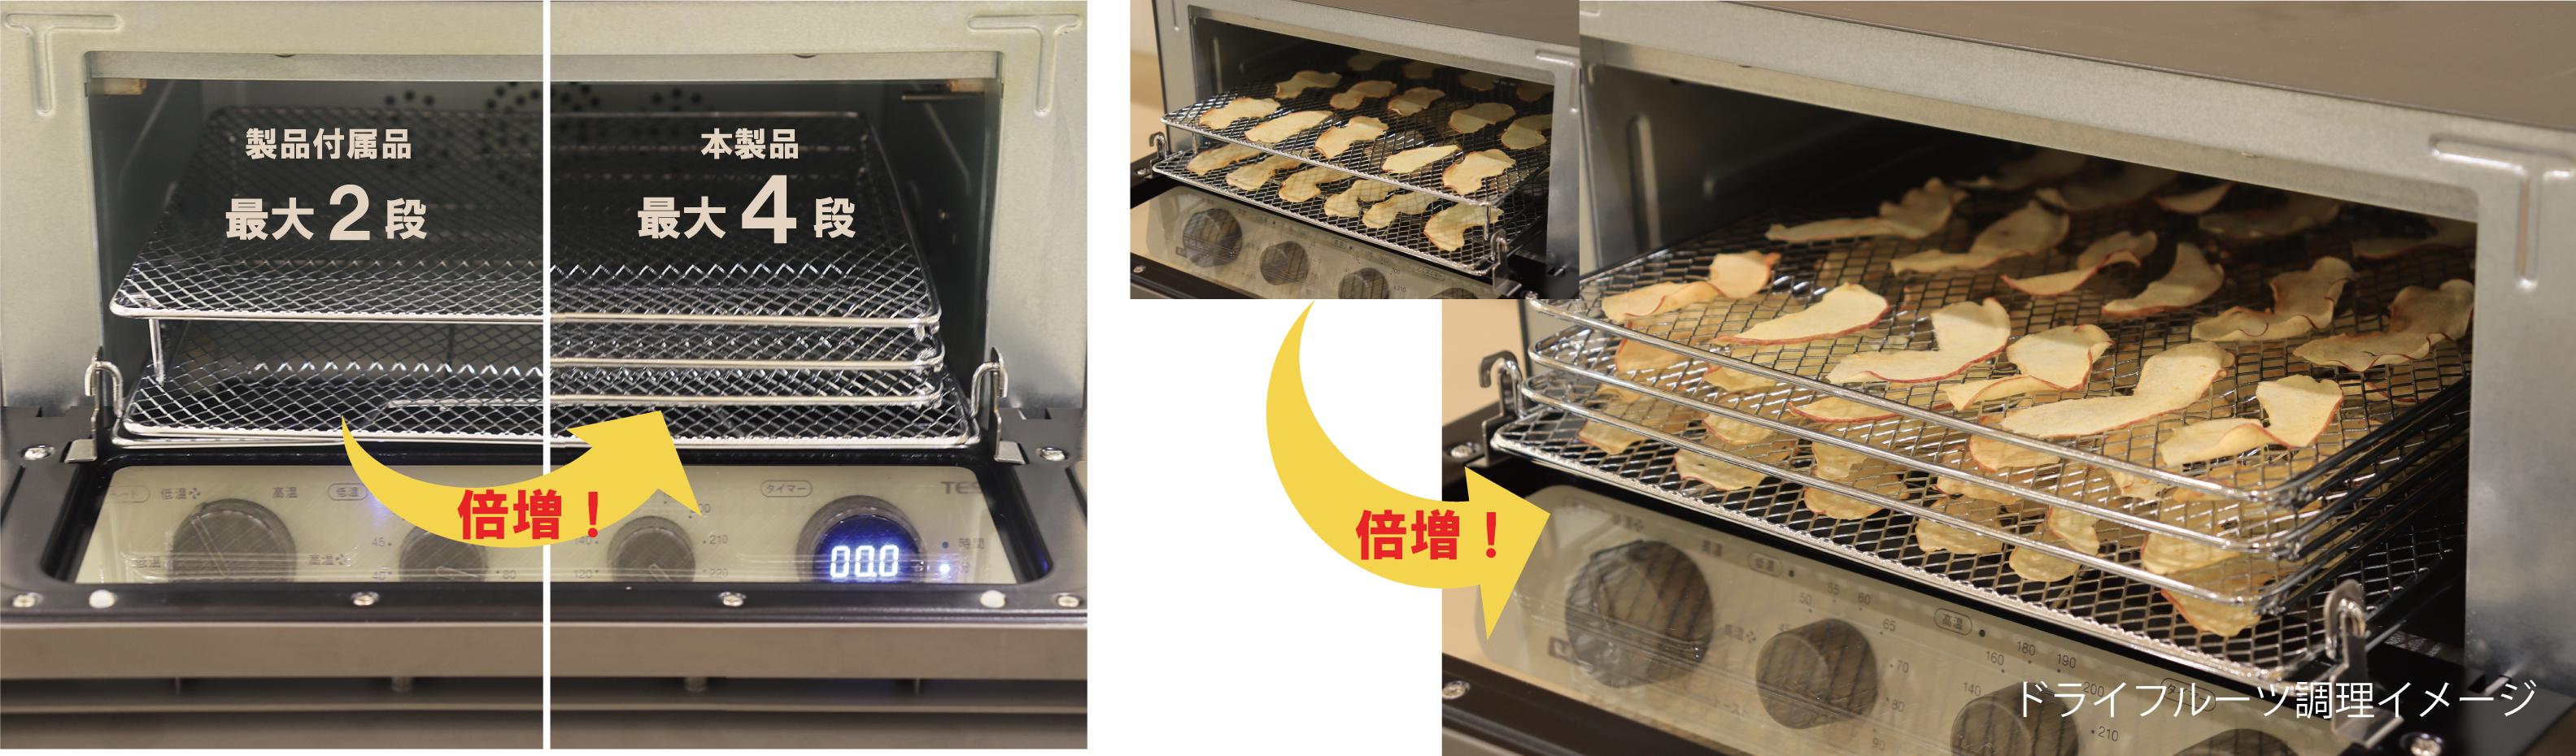 低温コンベクションオーブンユーザーの「一気にたくさん調理したい」に応えるあし付き網セット 2020年... 画像